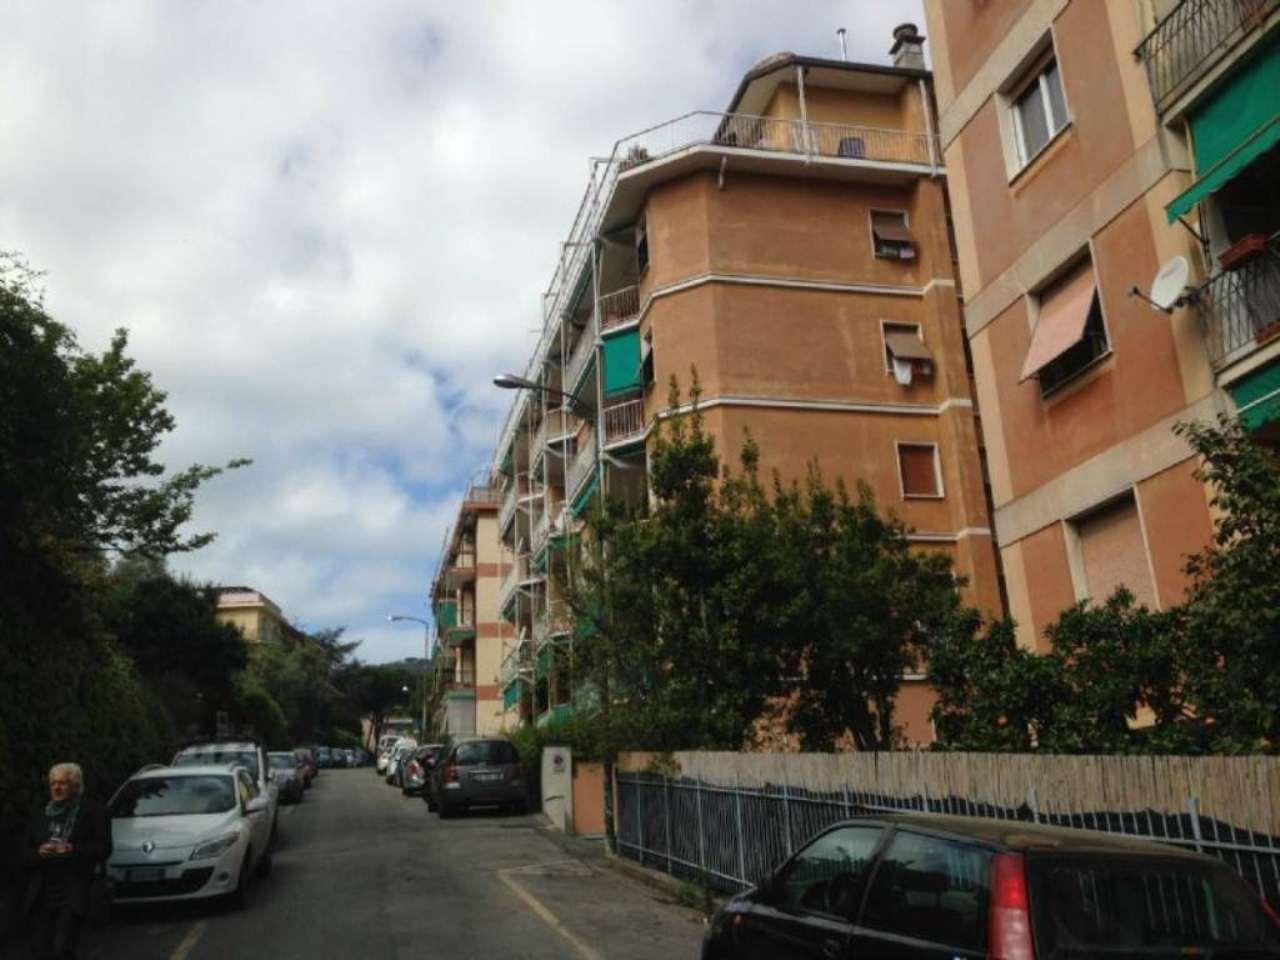 Appartamento in vendita a Santa Margherita Ligure, 5 locali, prezzo € 270.000 | CambioCasa.it